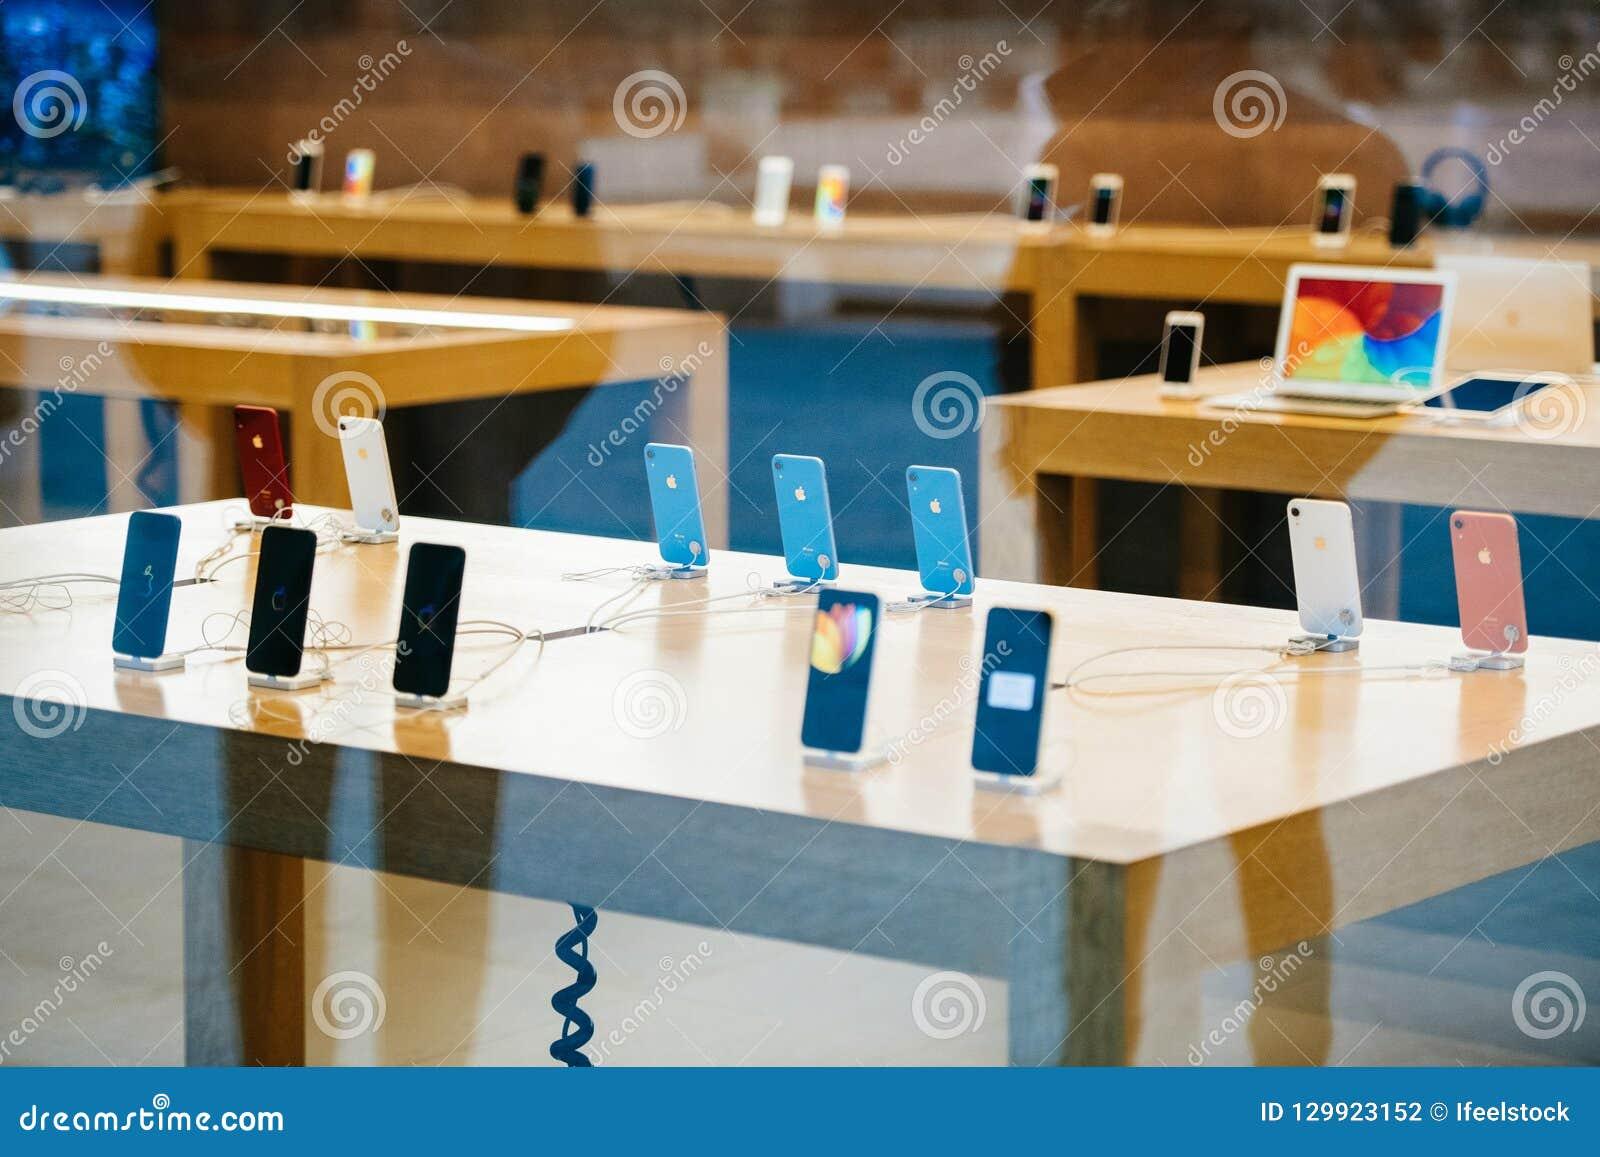 Tabellen med all iPhoneXr smartphone vid Apple-datorer lanserar